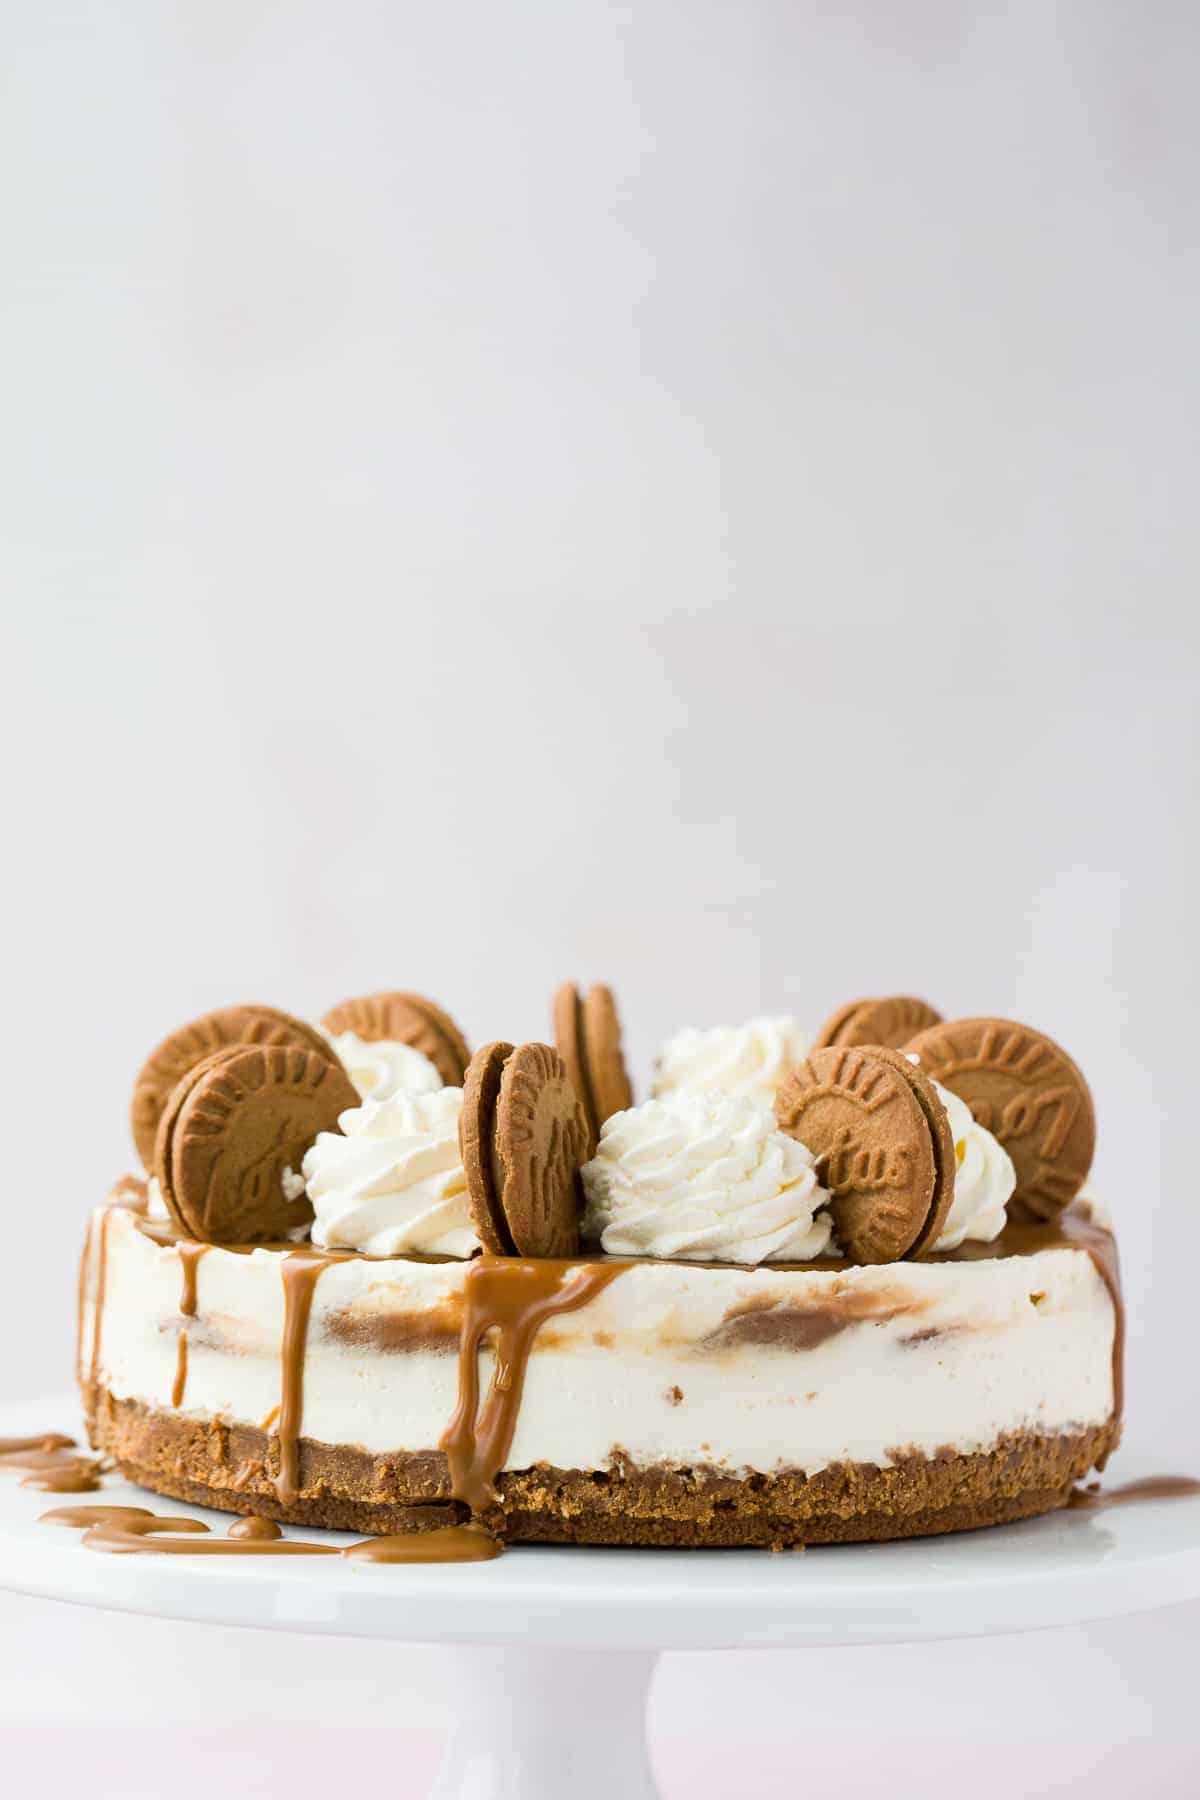 A no-bake Biscoff cheesecake dessert.